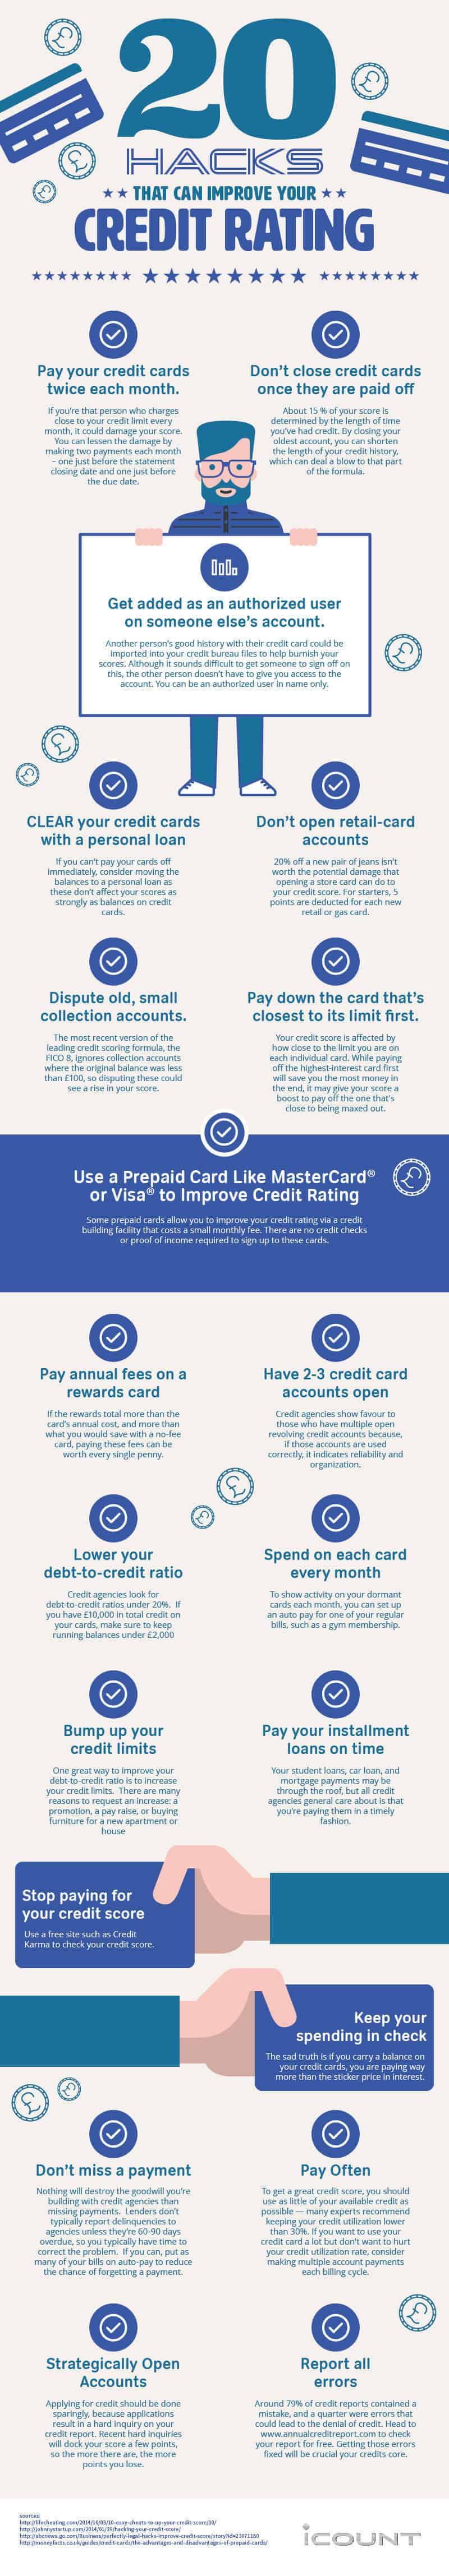 Credit Rating Hacks